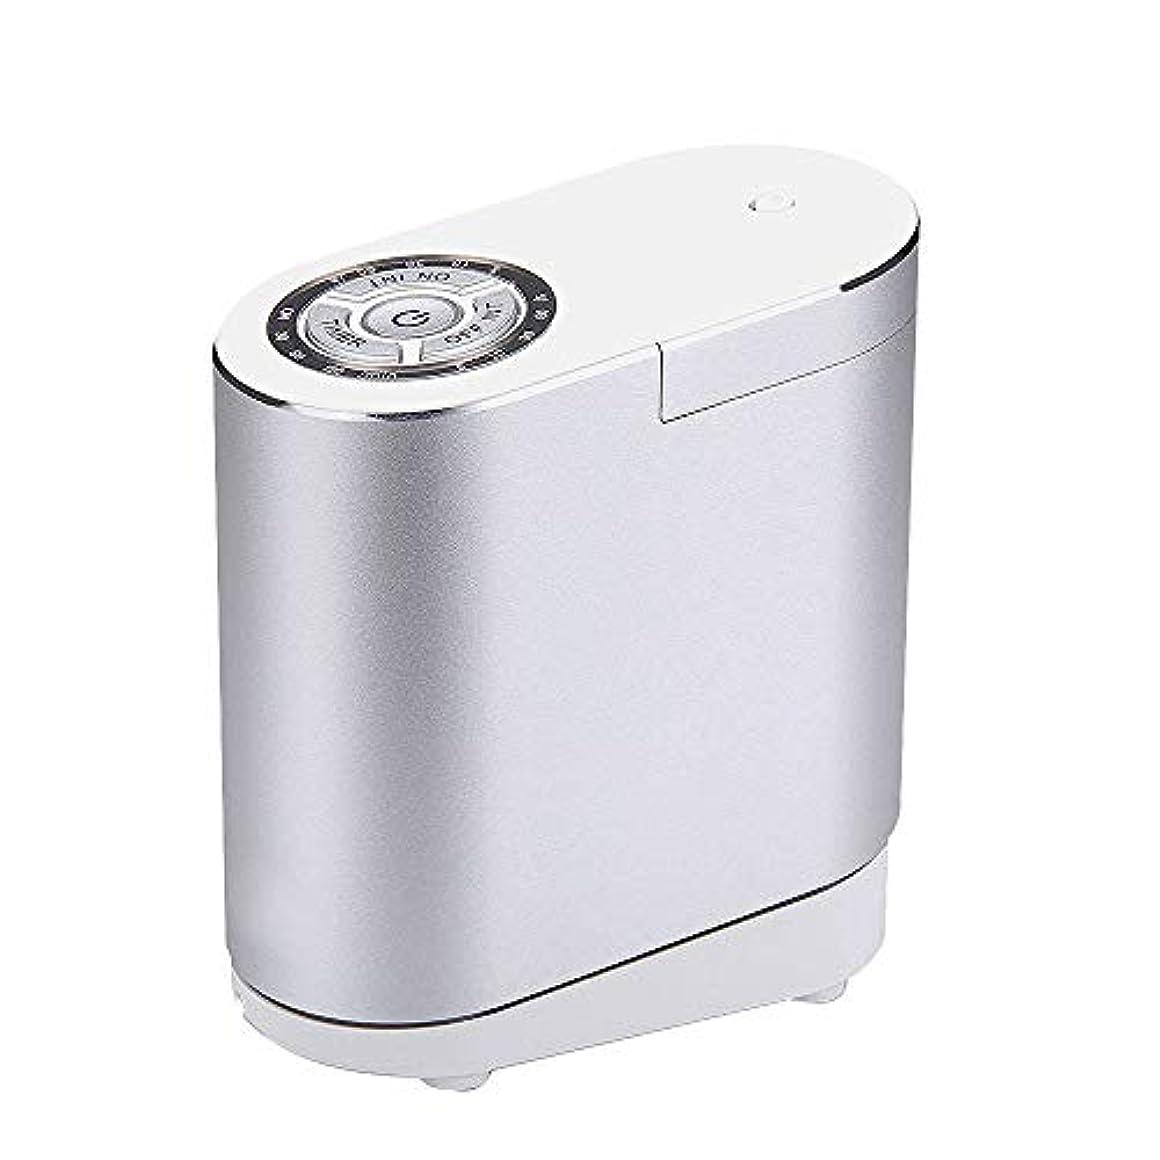 罹患率配管工労働精油の拡散器、総本店の寝室部屋のための携帯用超音波拡散器の涼しい霧の加湿器,silver30ML